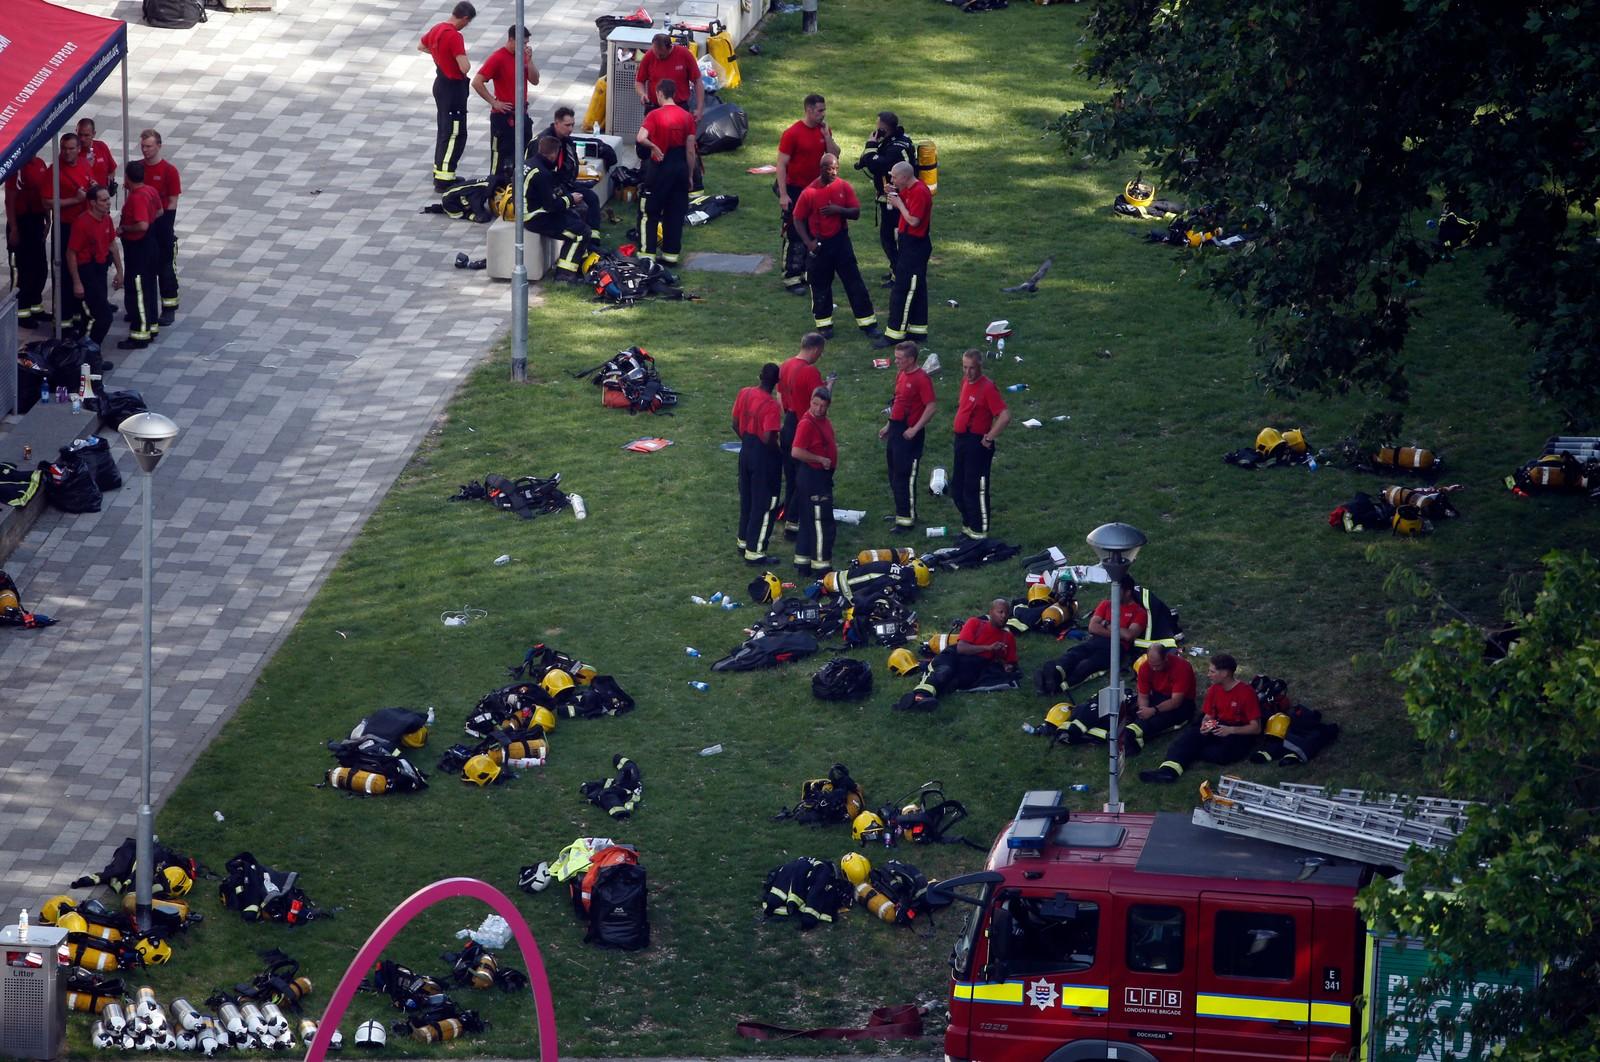 HVILER UT: Rundt 200 brannmenn deltok i det omfattende slukkings- og redningsarbeidet natt til onsdag.